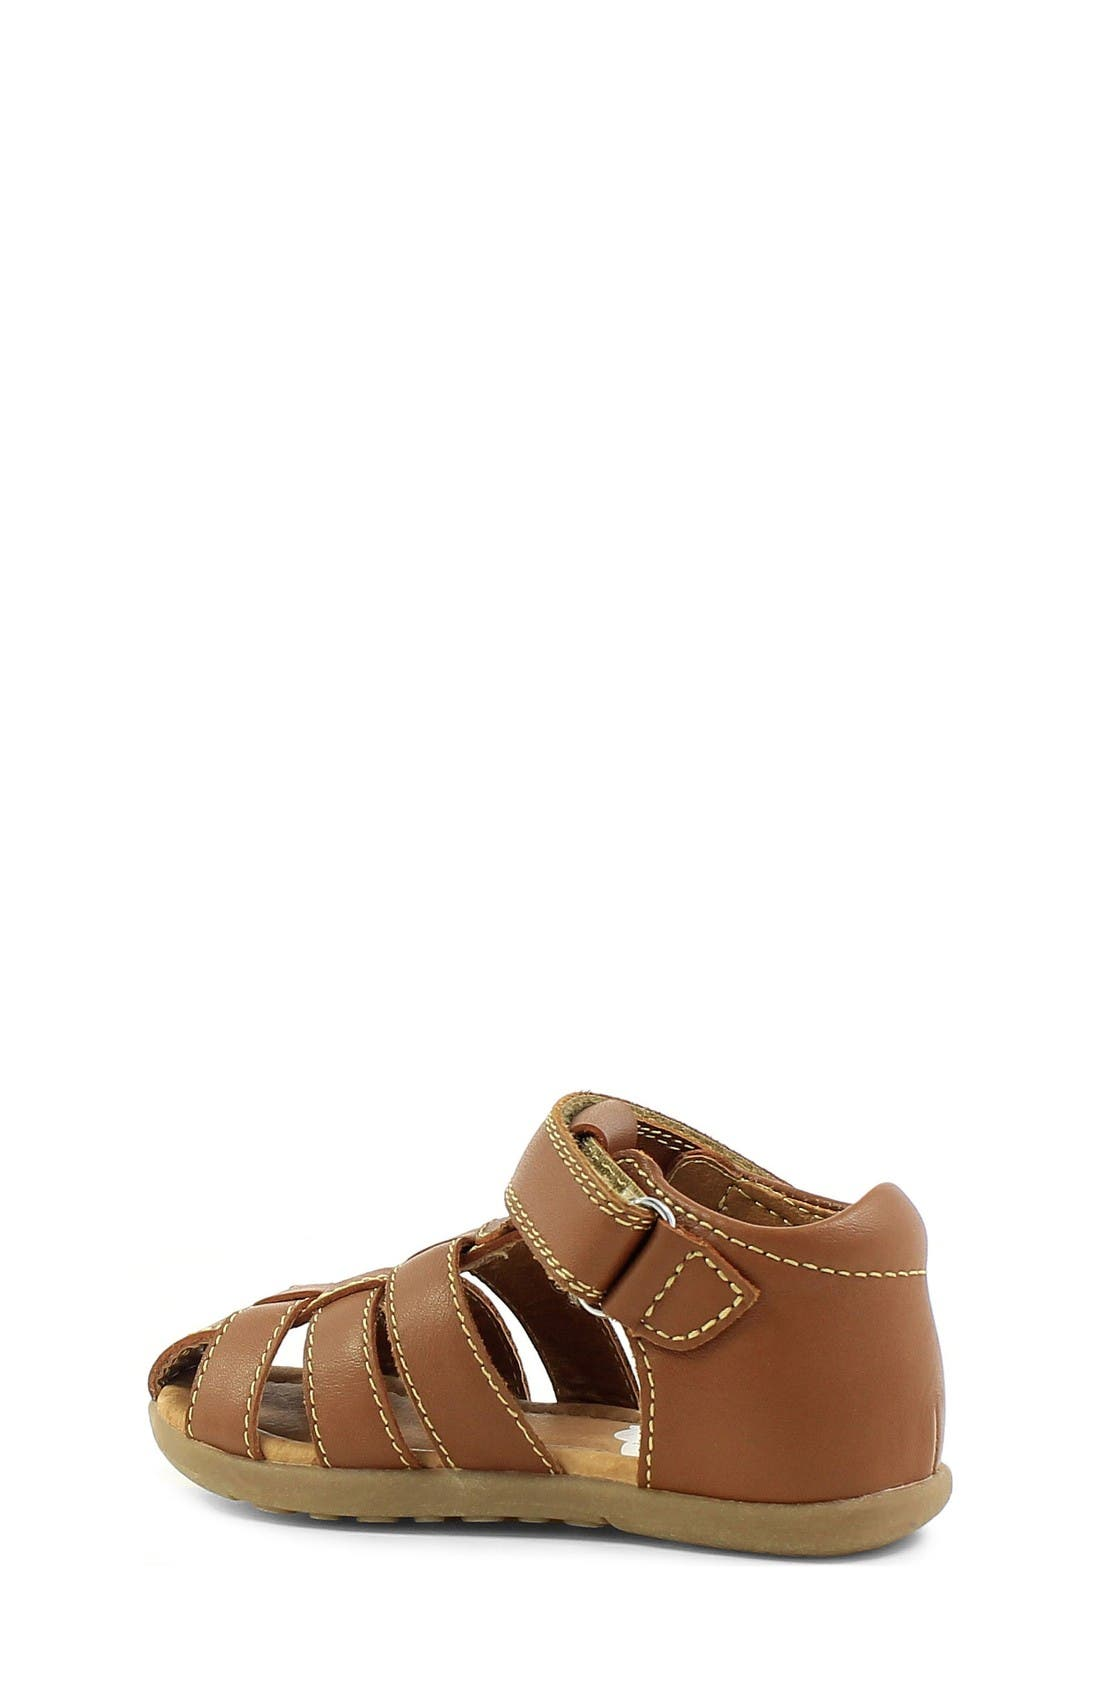 Alternate Image 2  - Umi Ryker Sandal (Baby, Walker & Toddler)